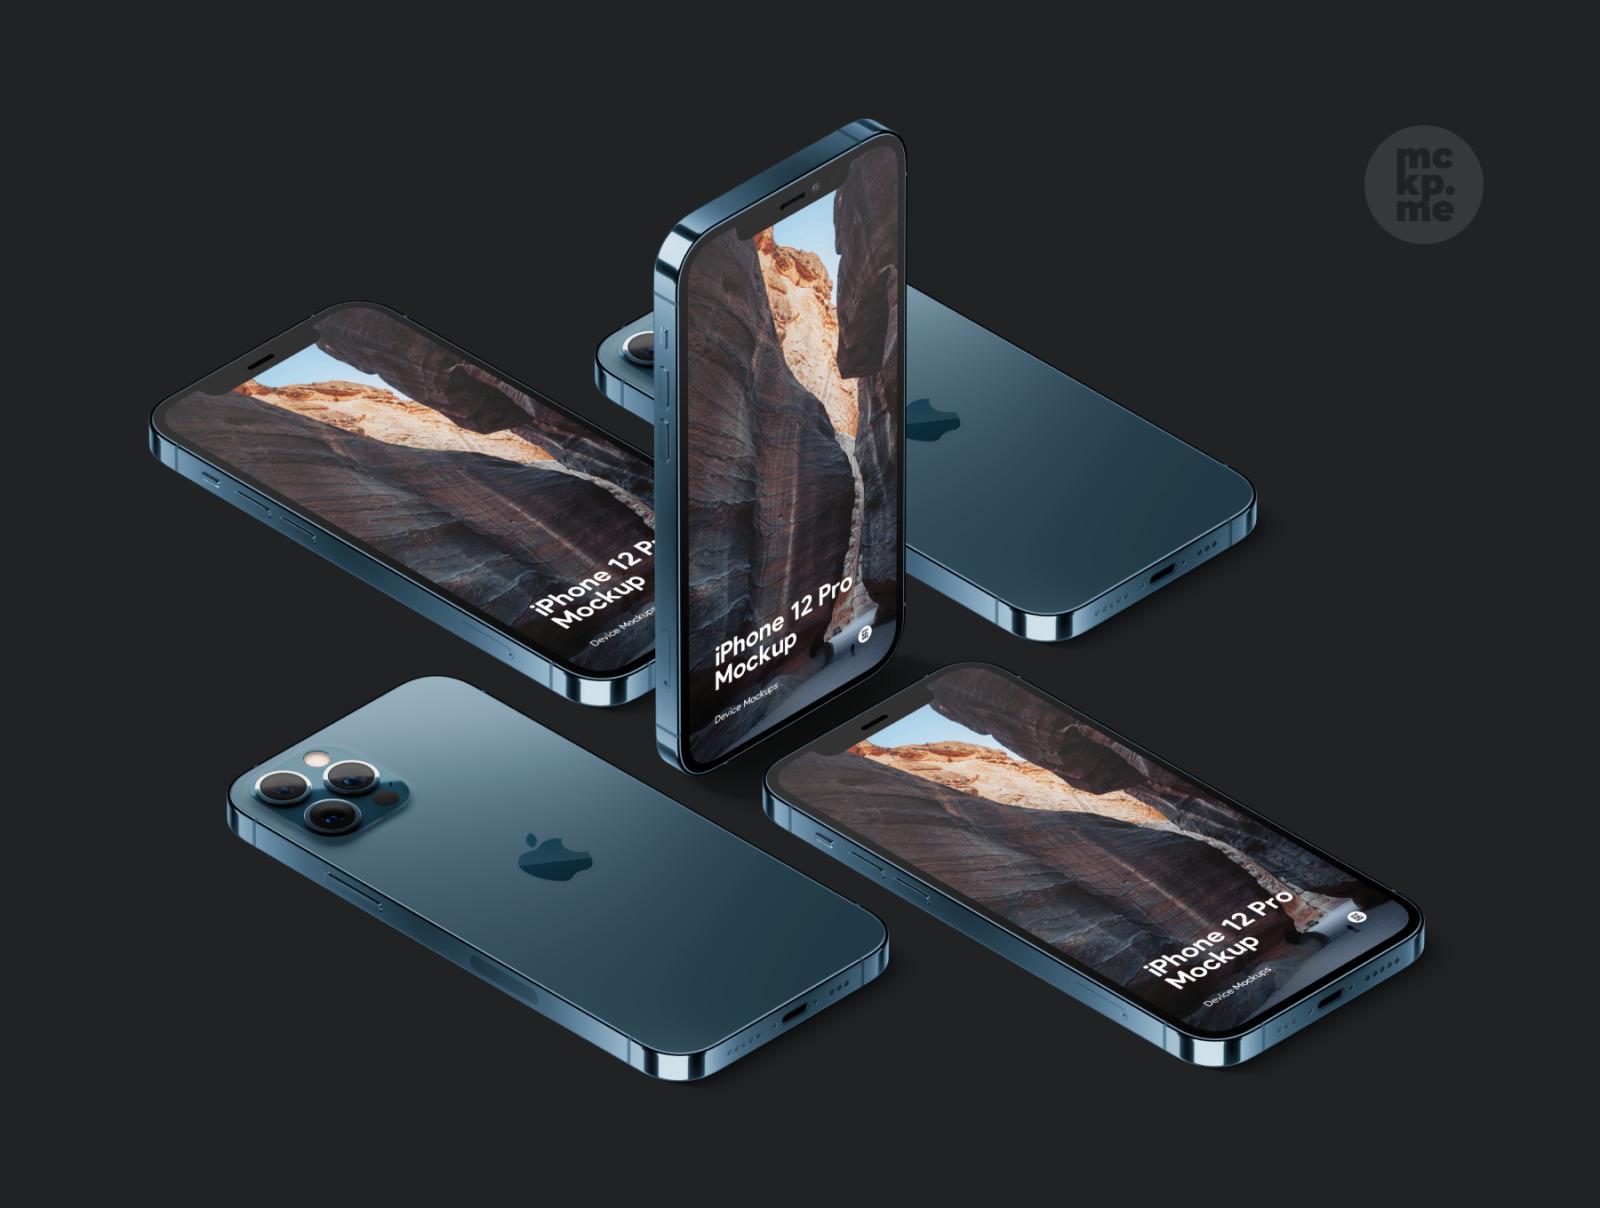 时尚等距苹果iPhone 12 Pro手机软件APP界面设计展示样机合集 iPhone 12 Pro Isometric Pack插图4